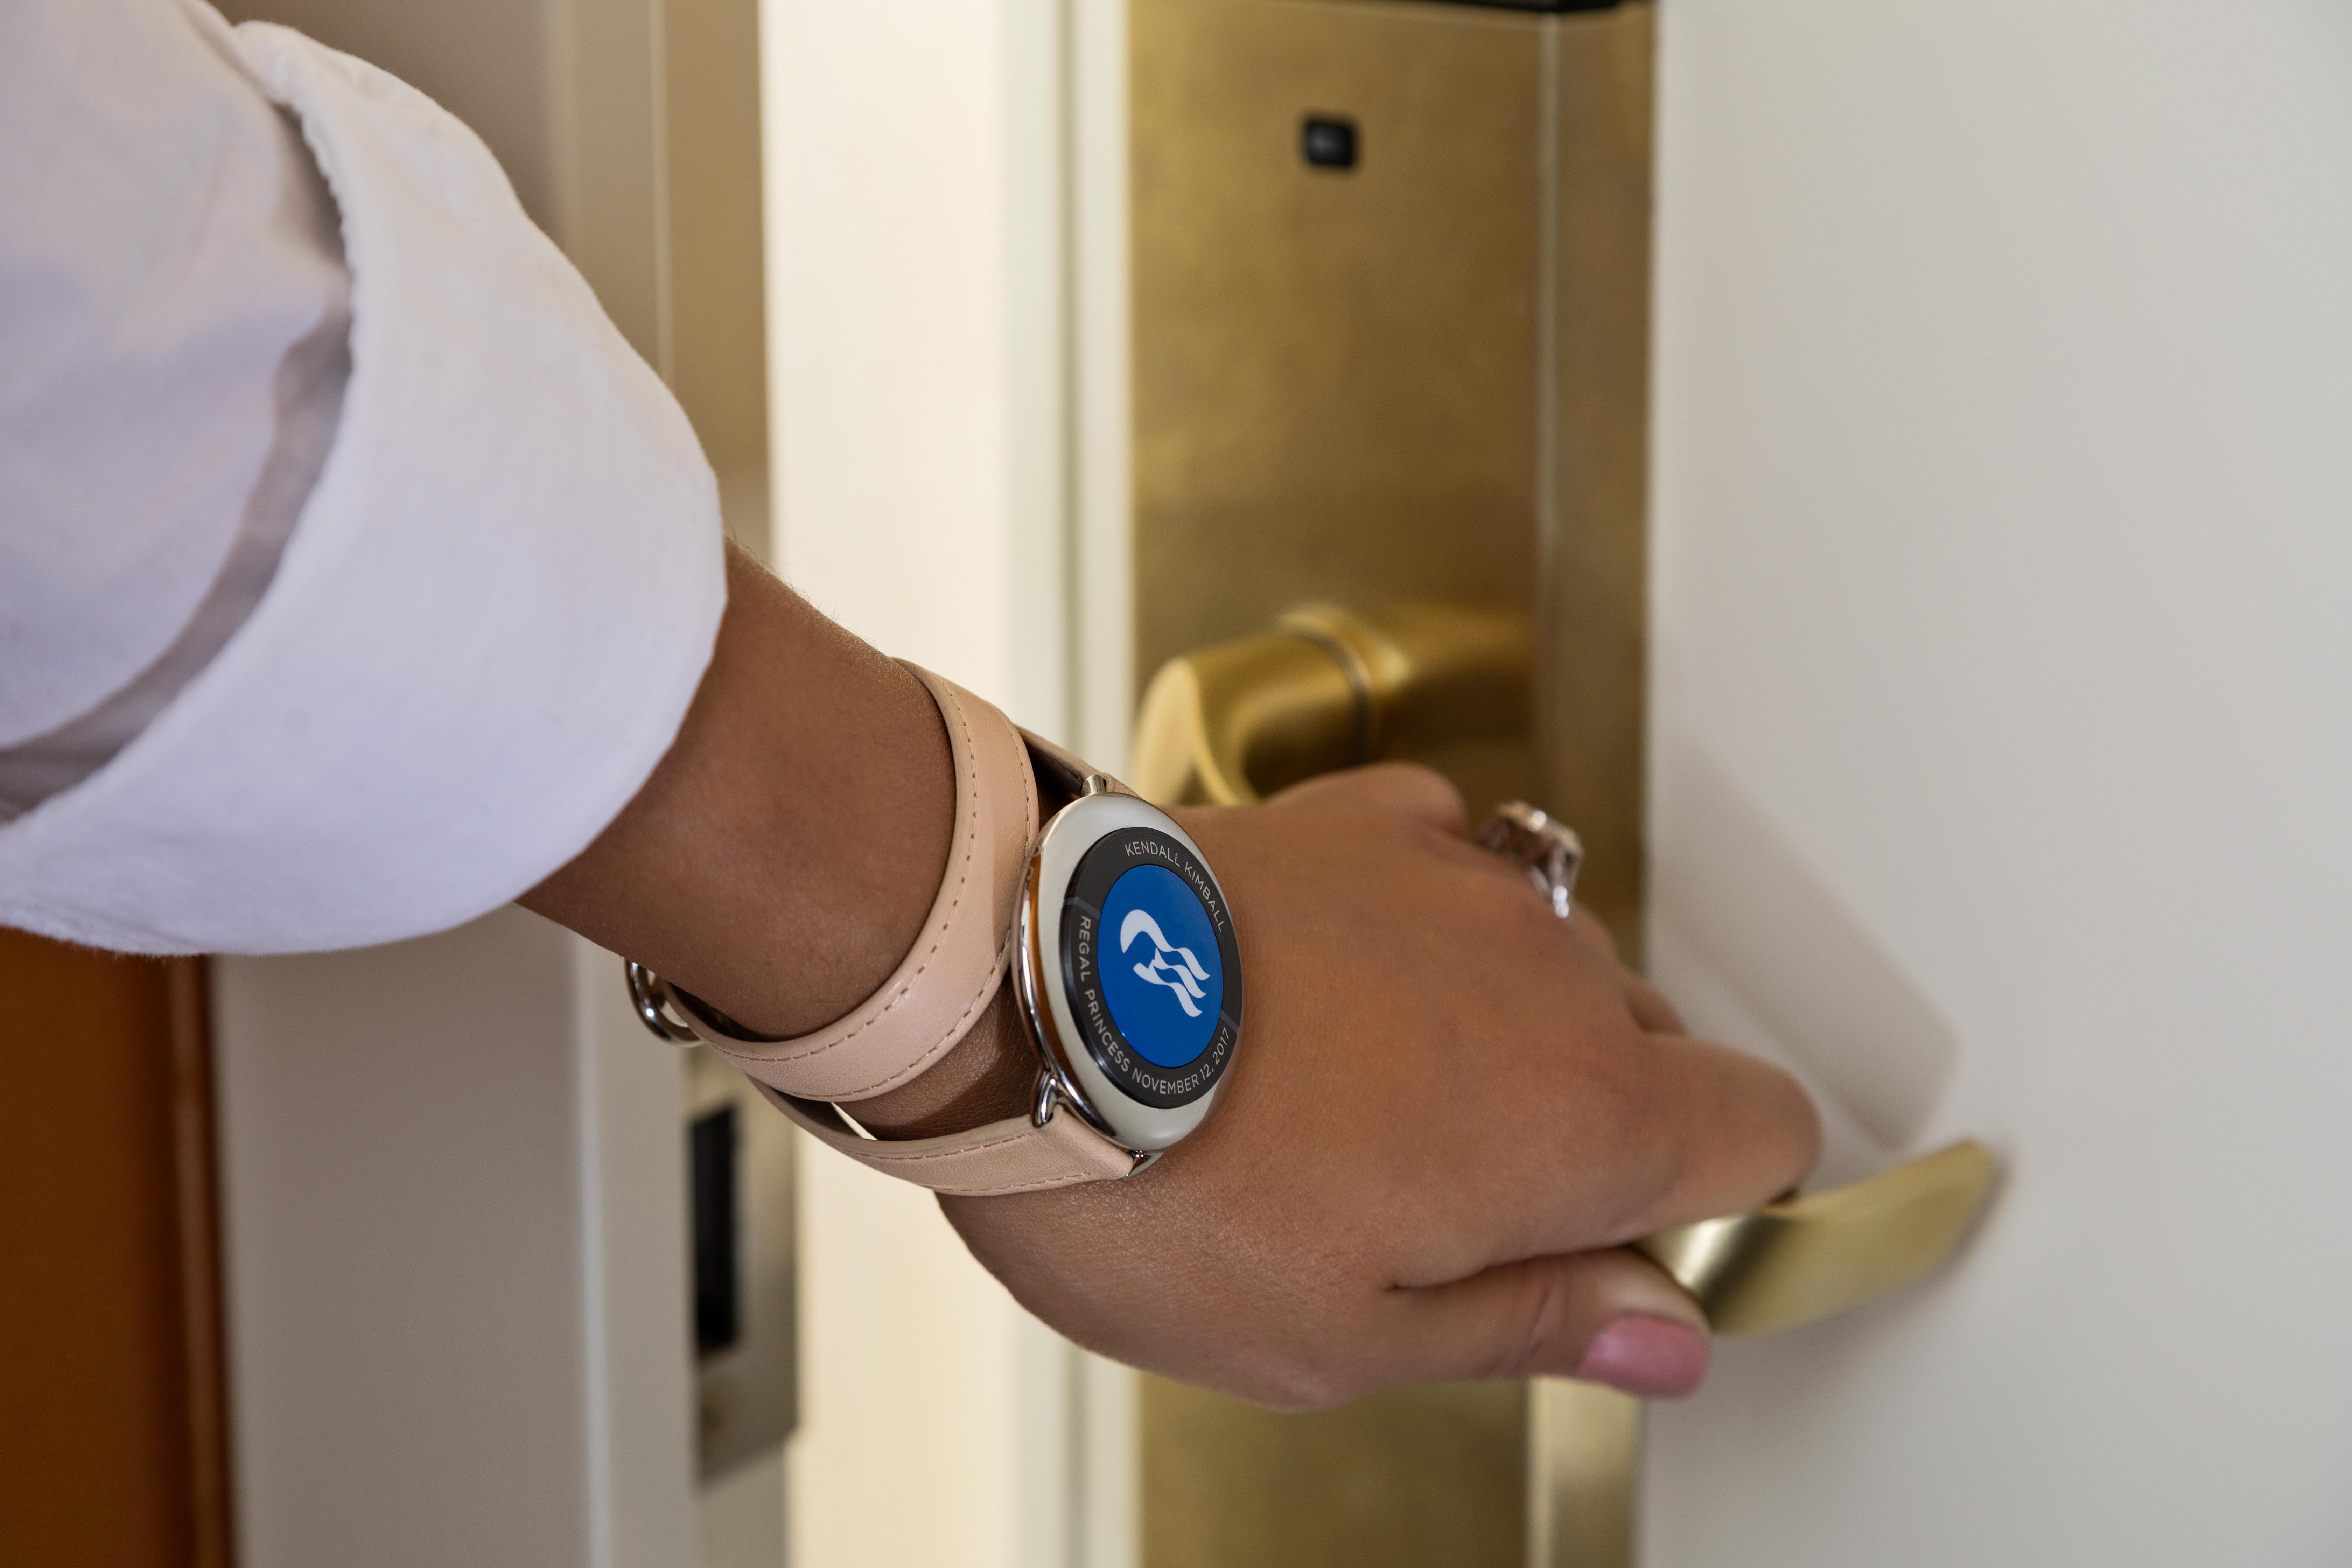 ocean-medallion-close-up-guest-opening-stateroom-door